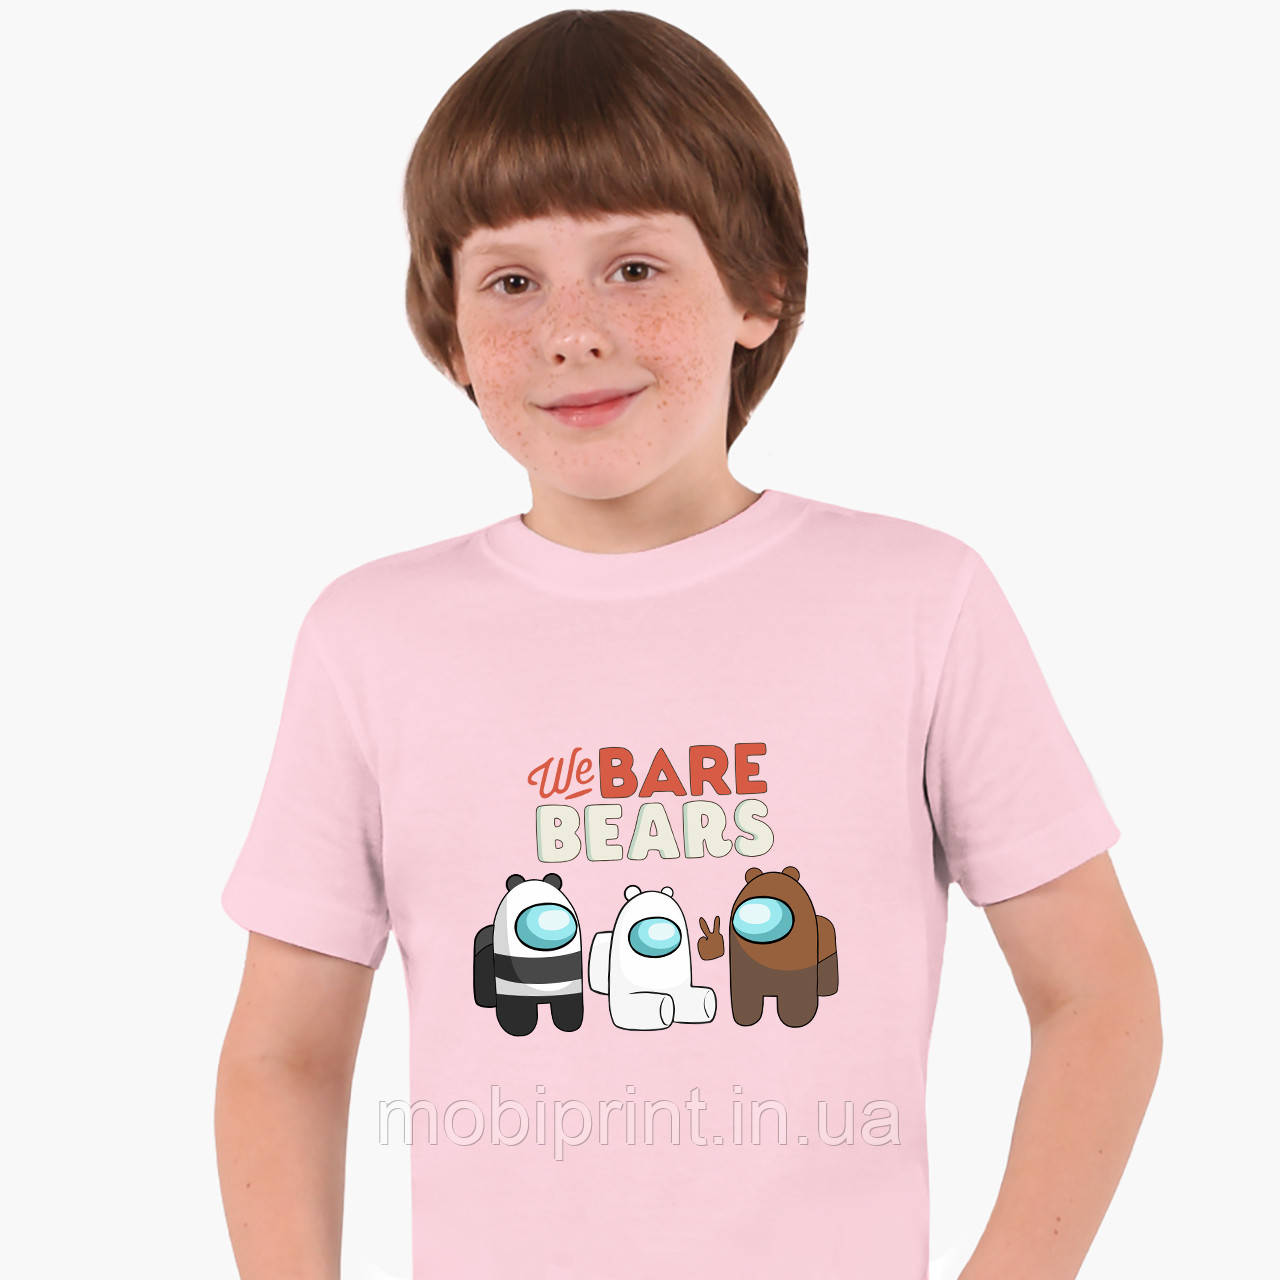 Дитяча футболка для хлопчиків Вся правда про ведмедів (We Bare Bears) (25186-2668-PK) Рожевий